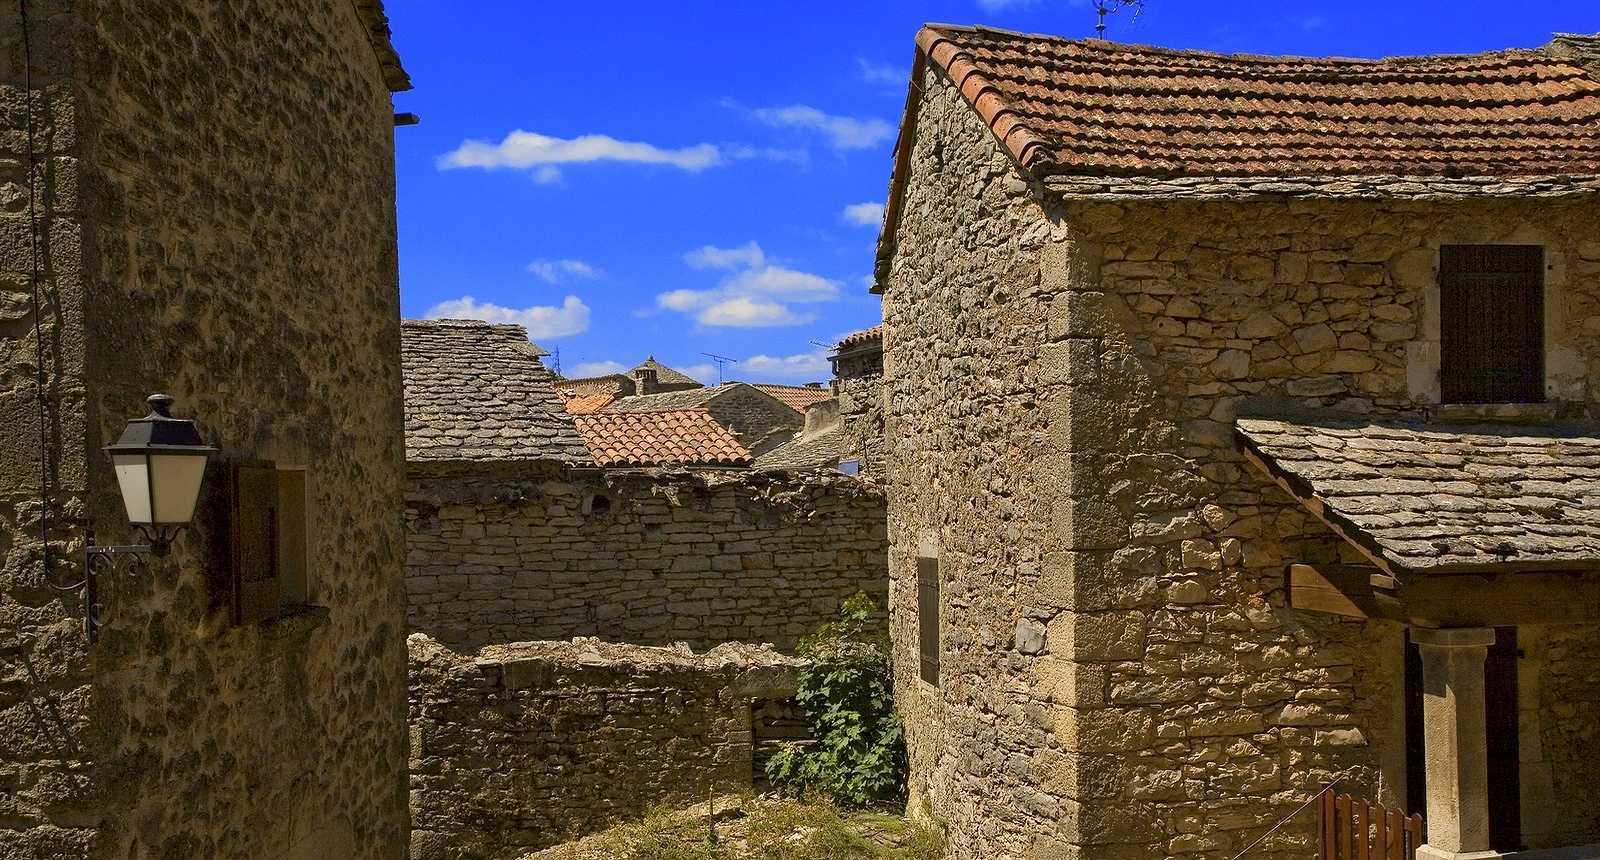 La ville médiévale de La Couvertoirade